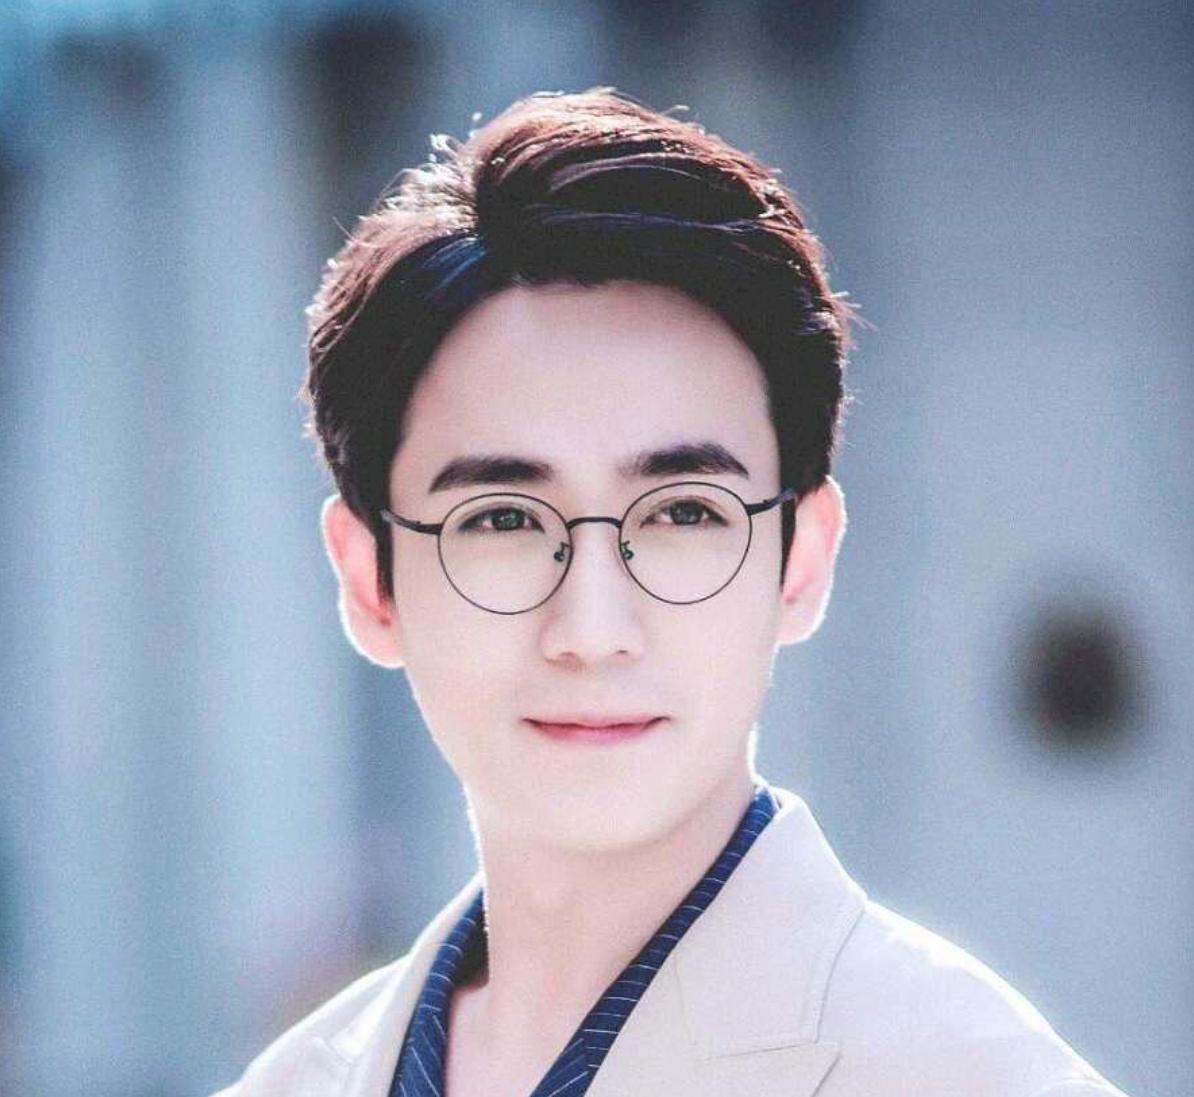 2019年男明星排行榜_揭晓2019年日本最受欢迎明星排行榜 10